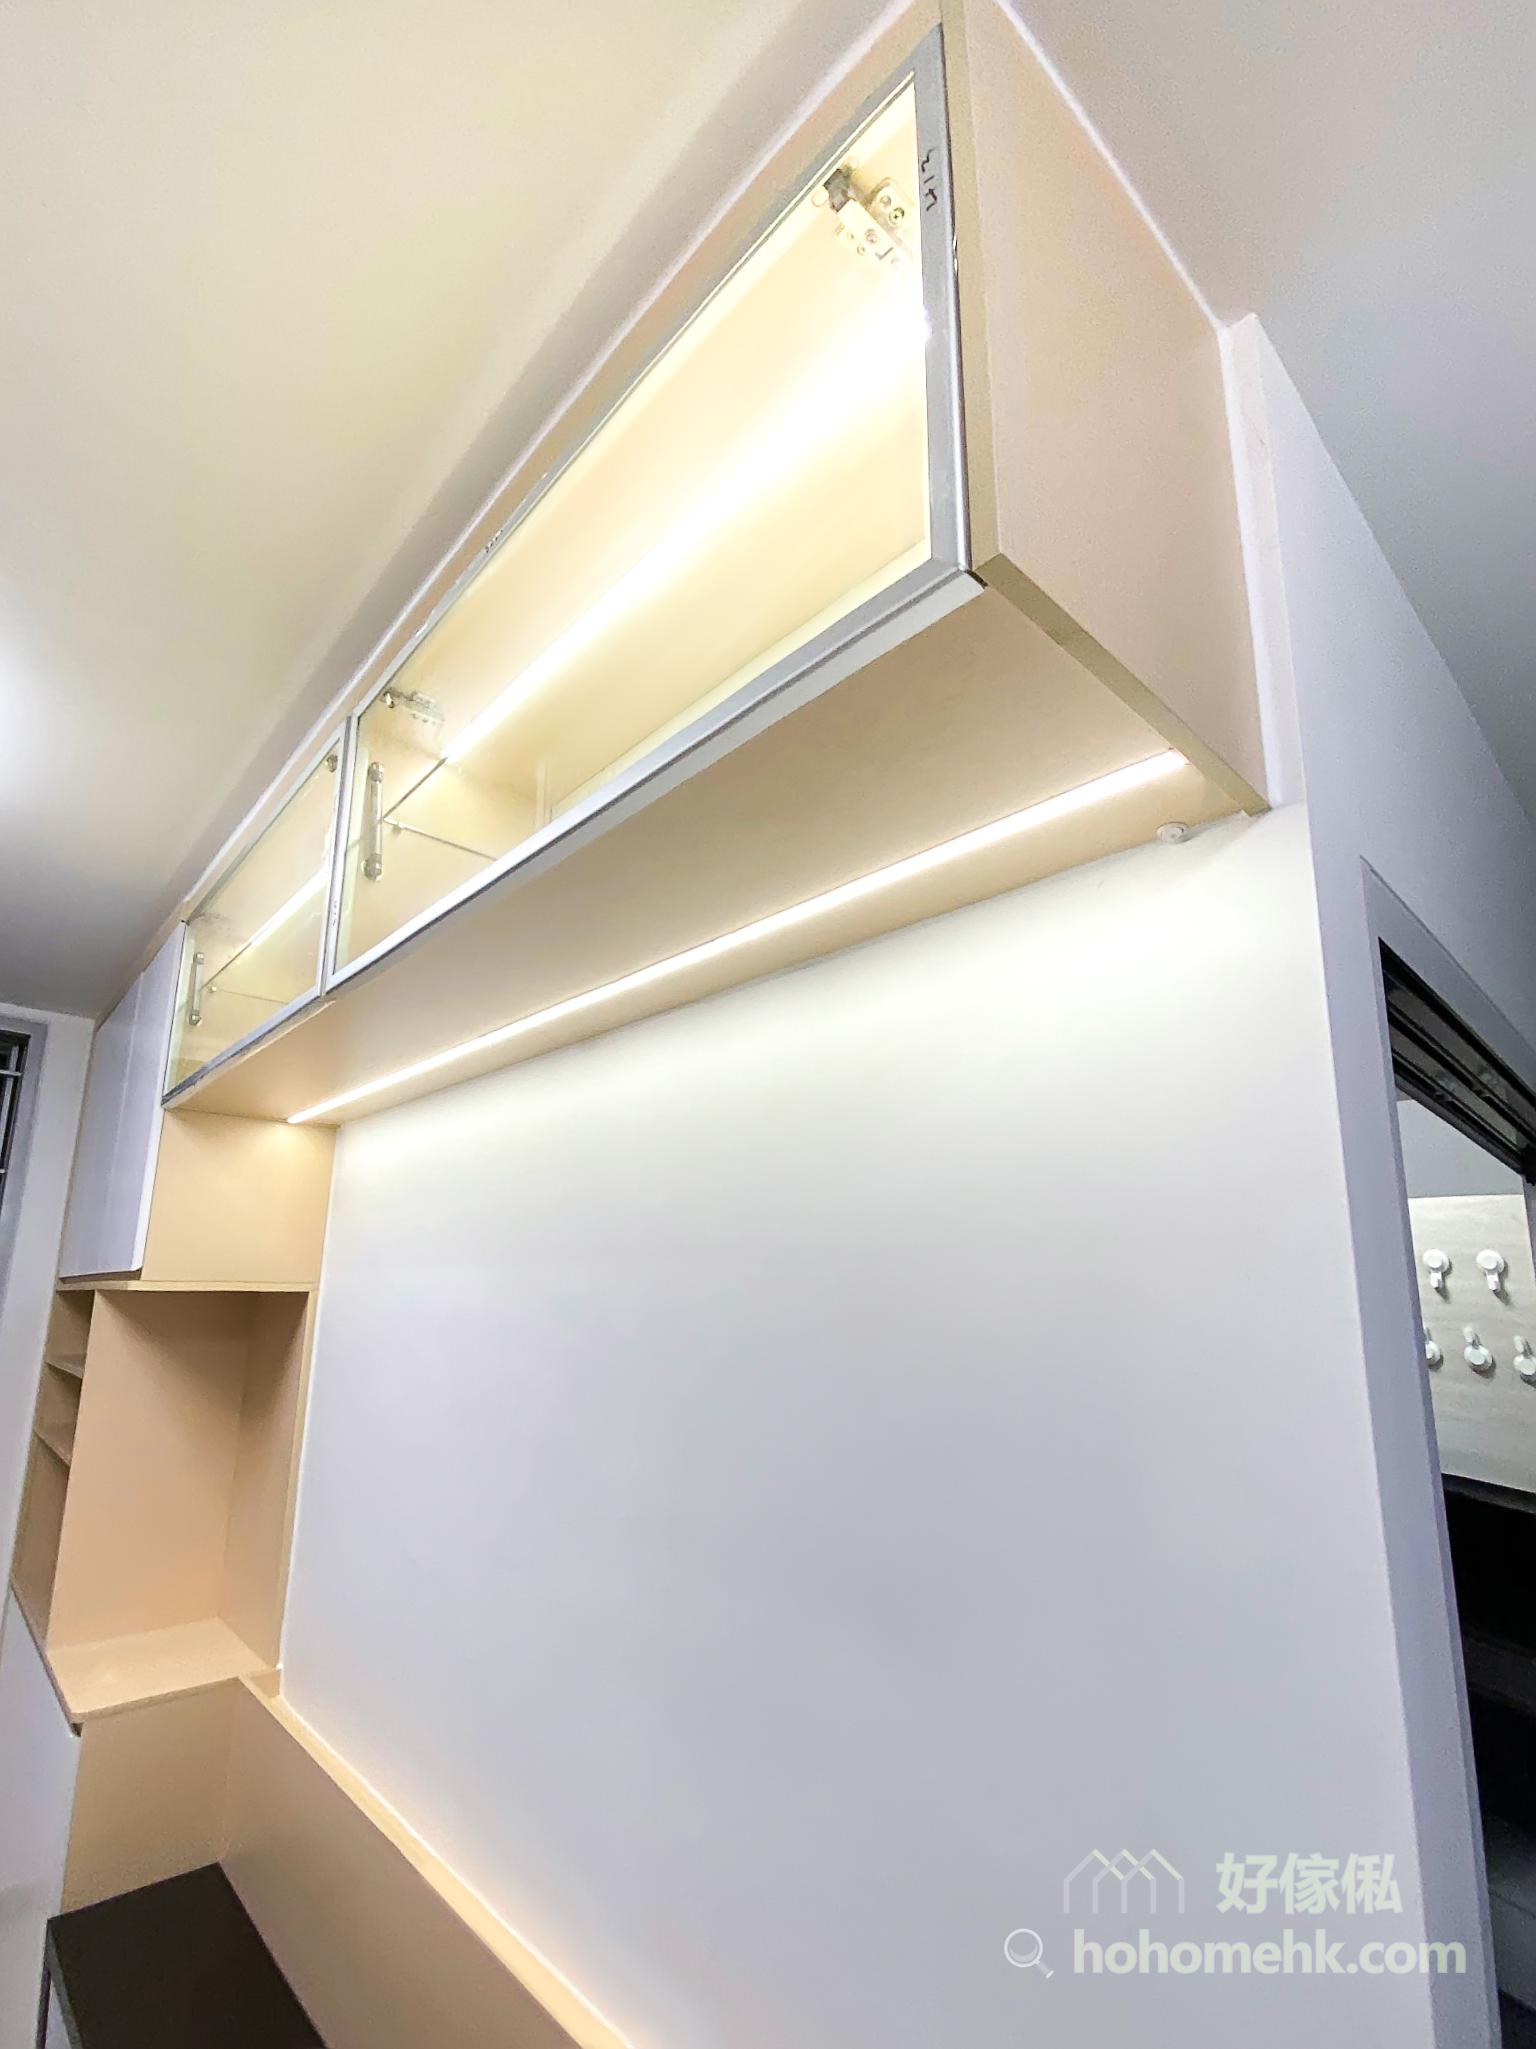 在玻璃櫃門搭配金屬鋁框則實現科技現代感受